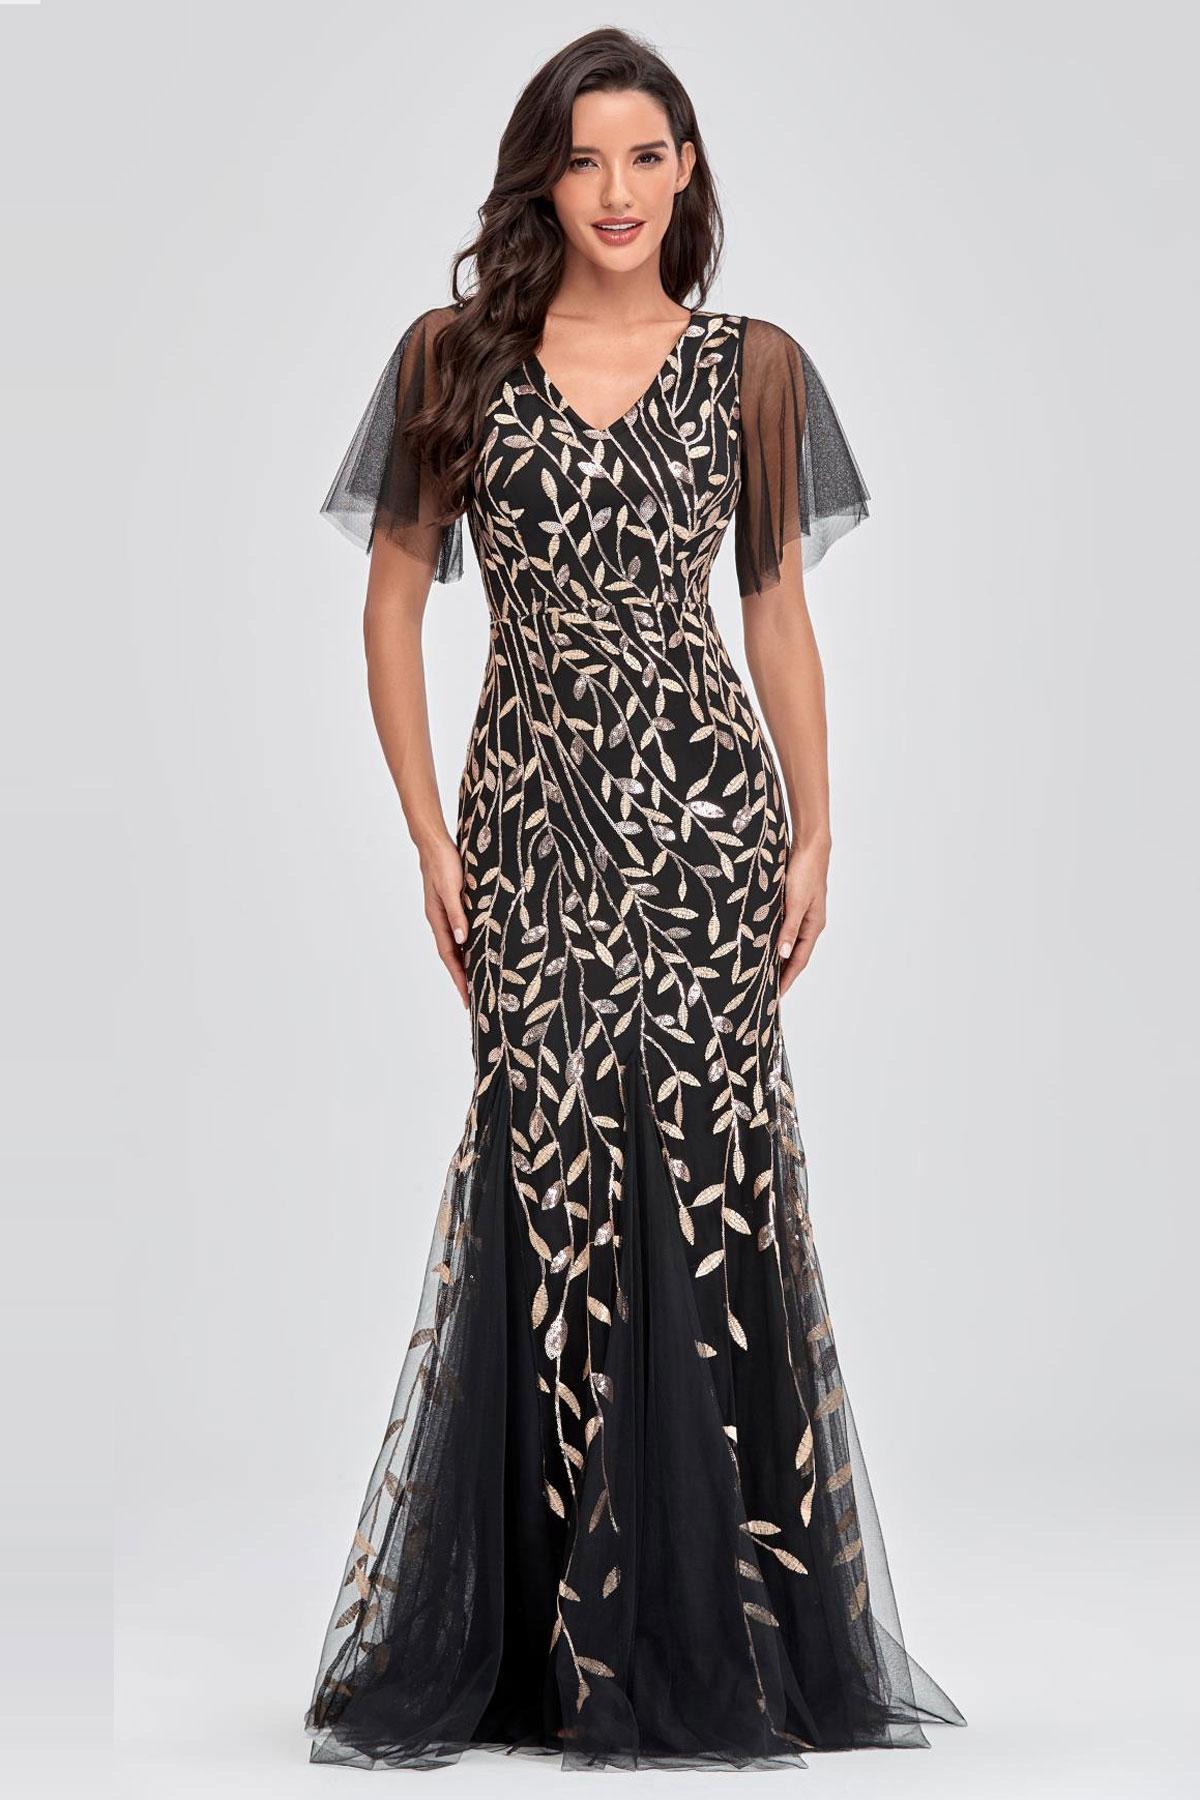 robe de soirée moulante noire à motif feuilles de paillettes manches évasées